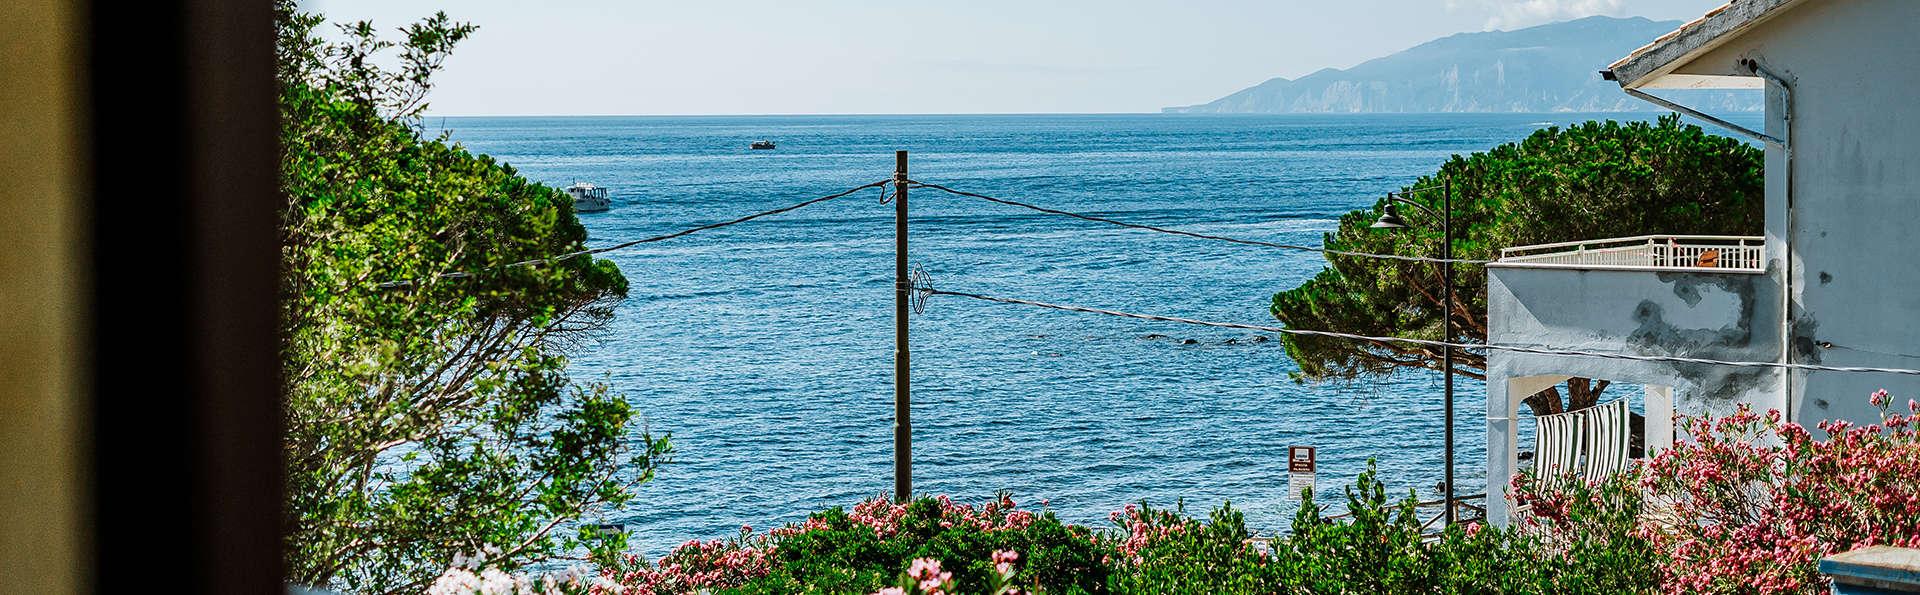 Week-end en bord de mer en Sardaigne (à partir de 3 nuits)